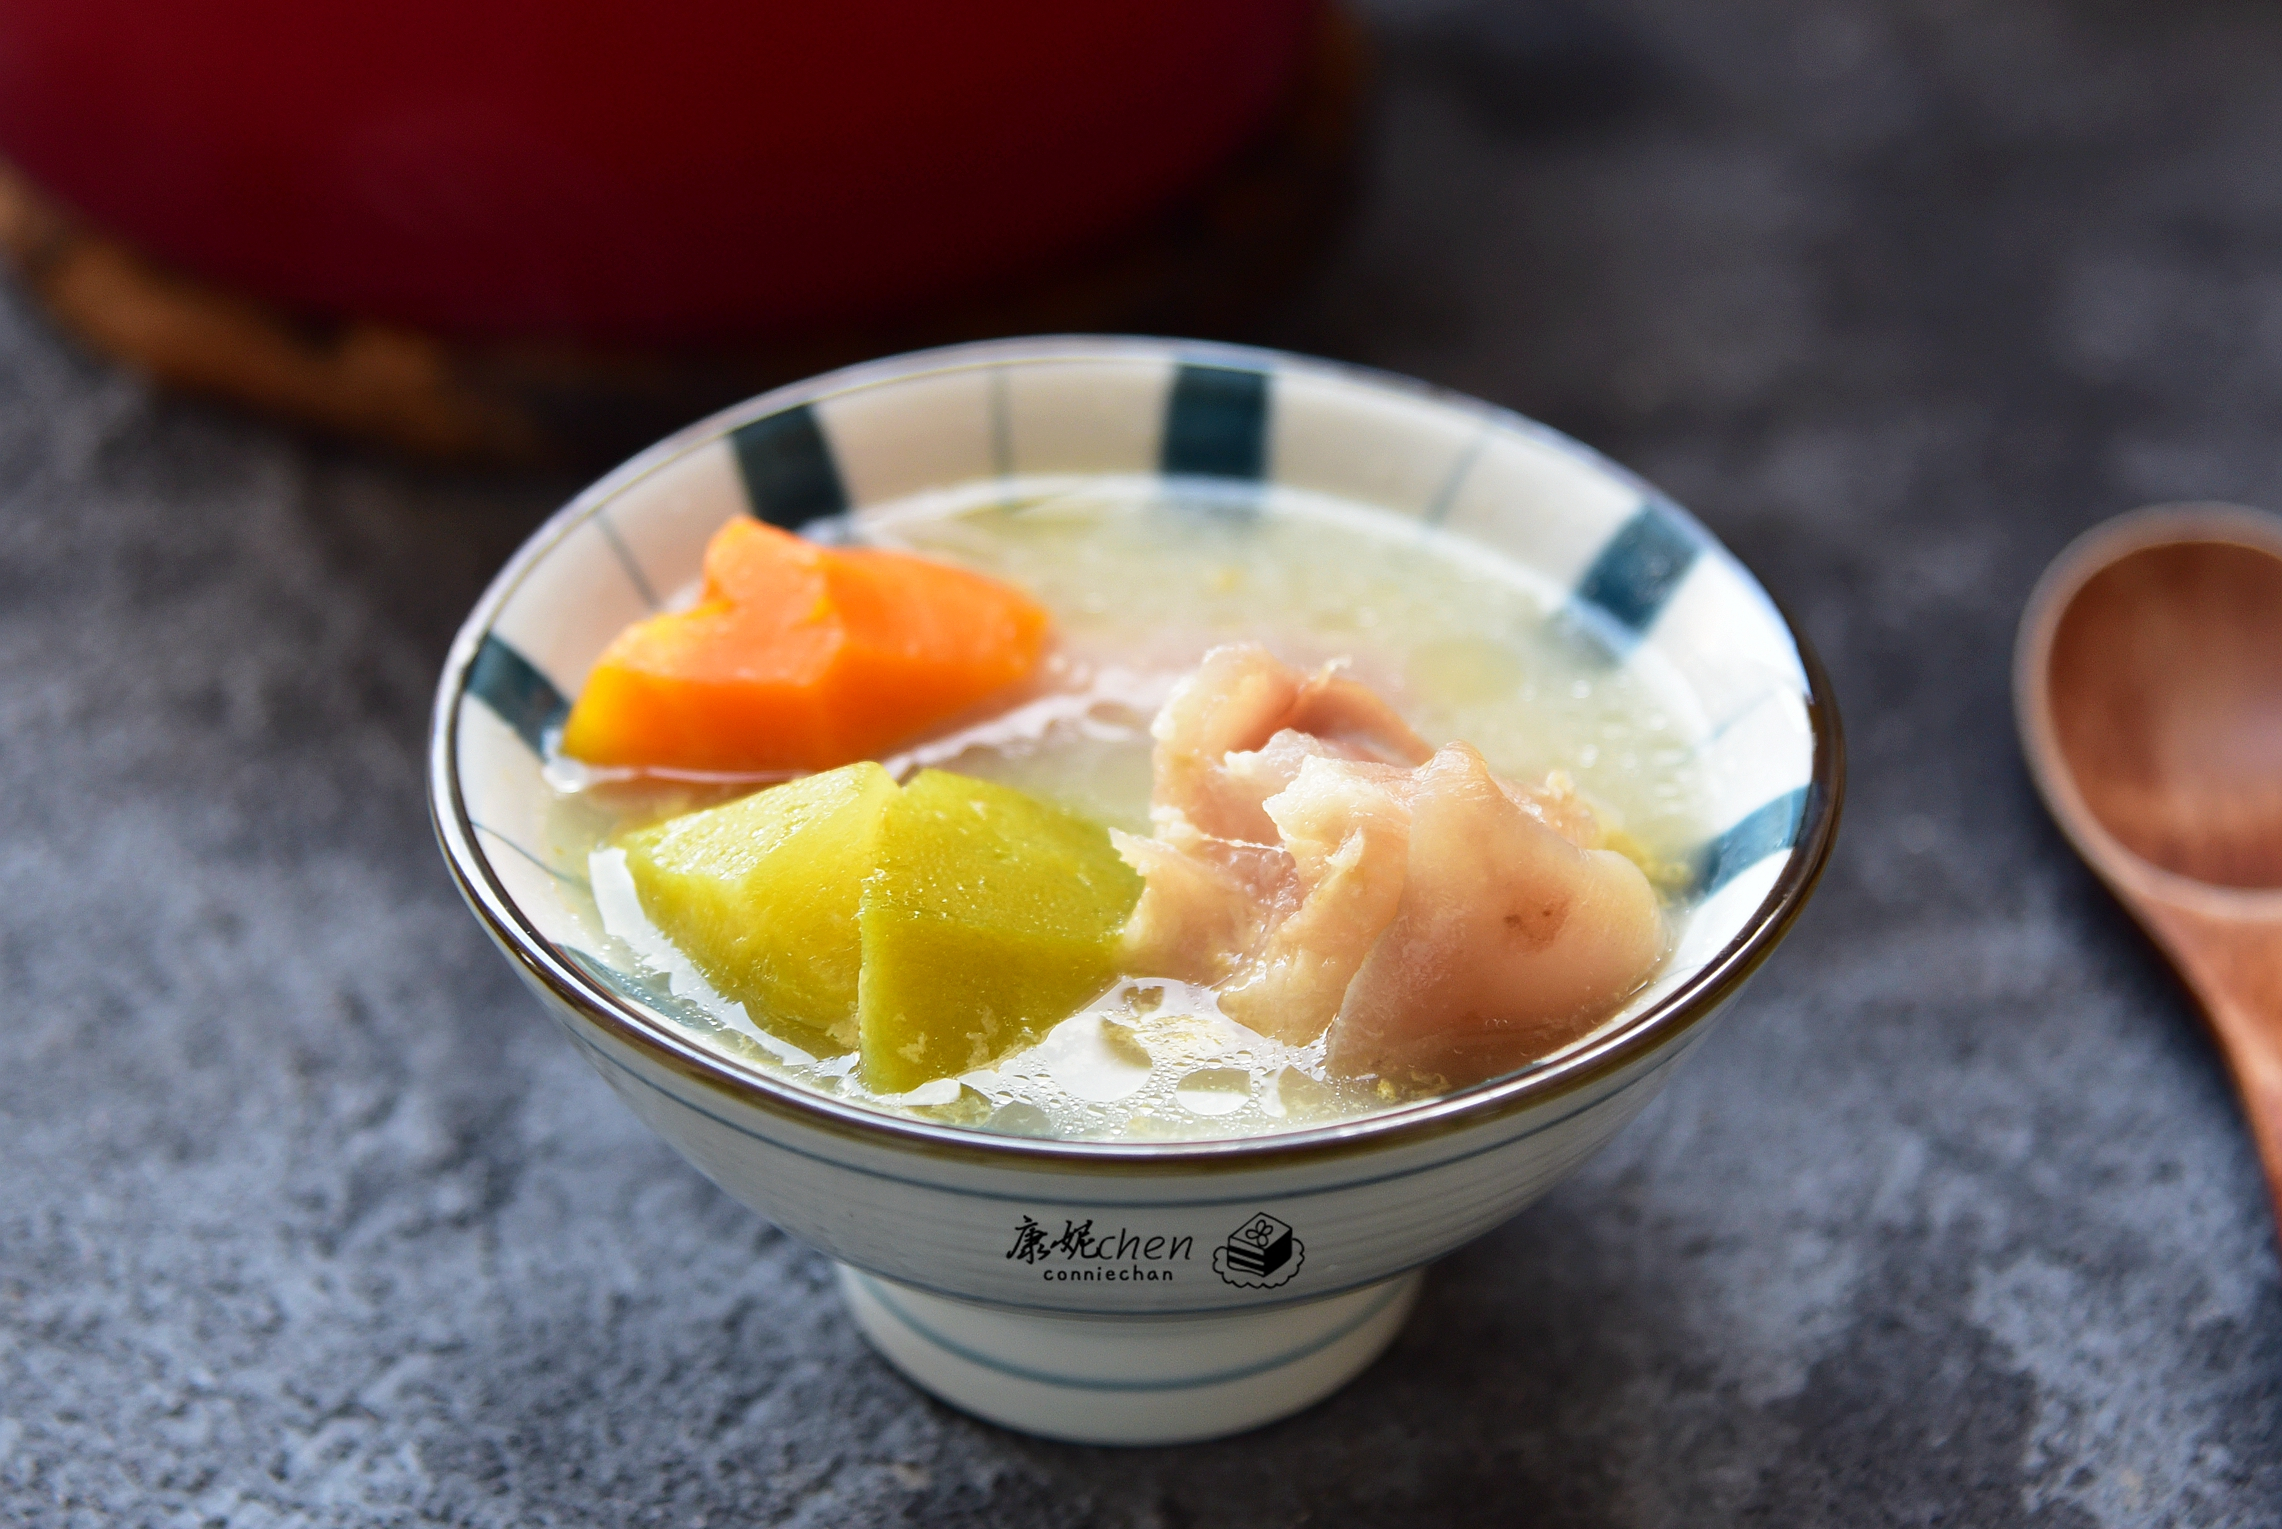 给家人煲这汤,清甜滋润,汤渣还可以当菜吃,老公表扬我会过日子